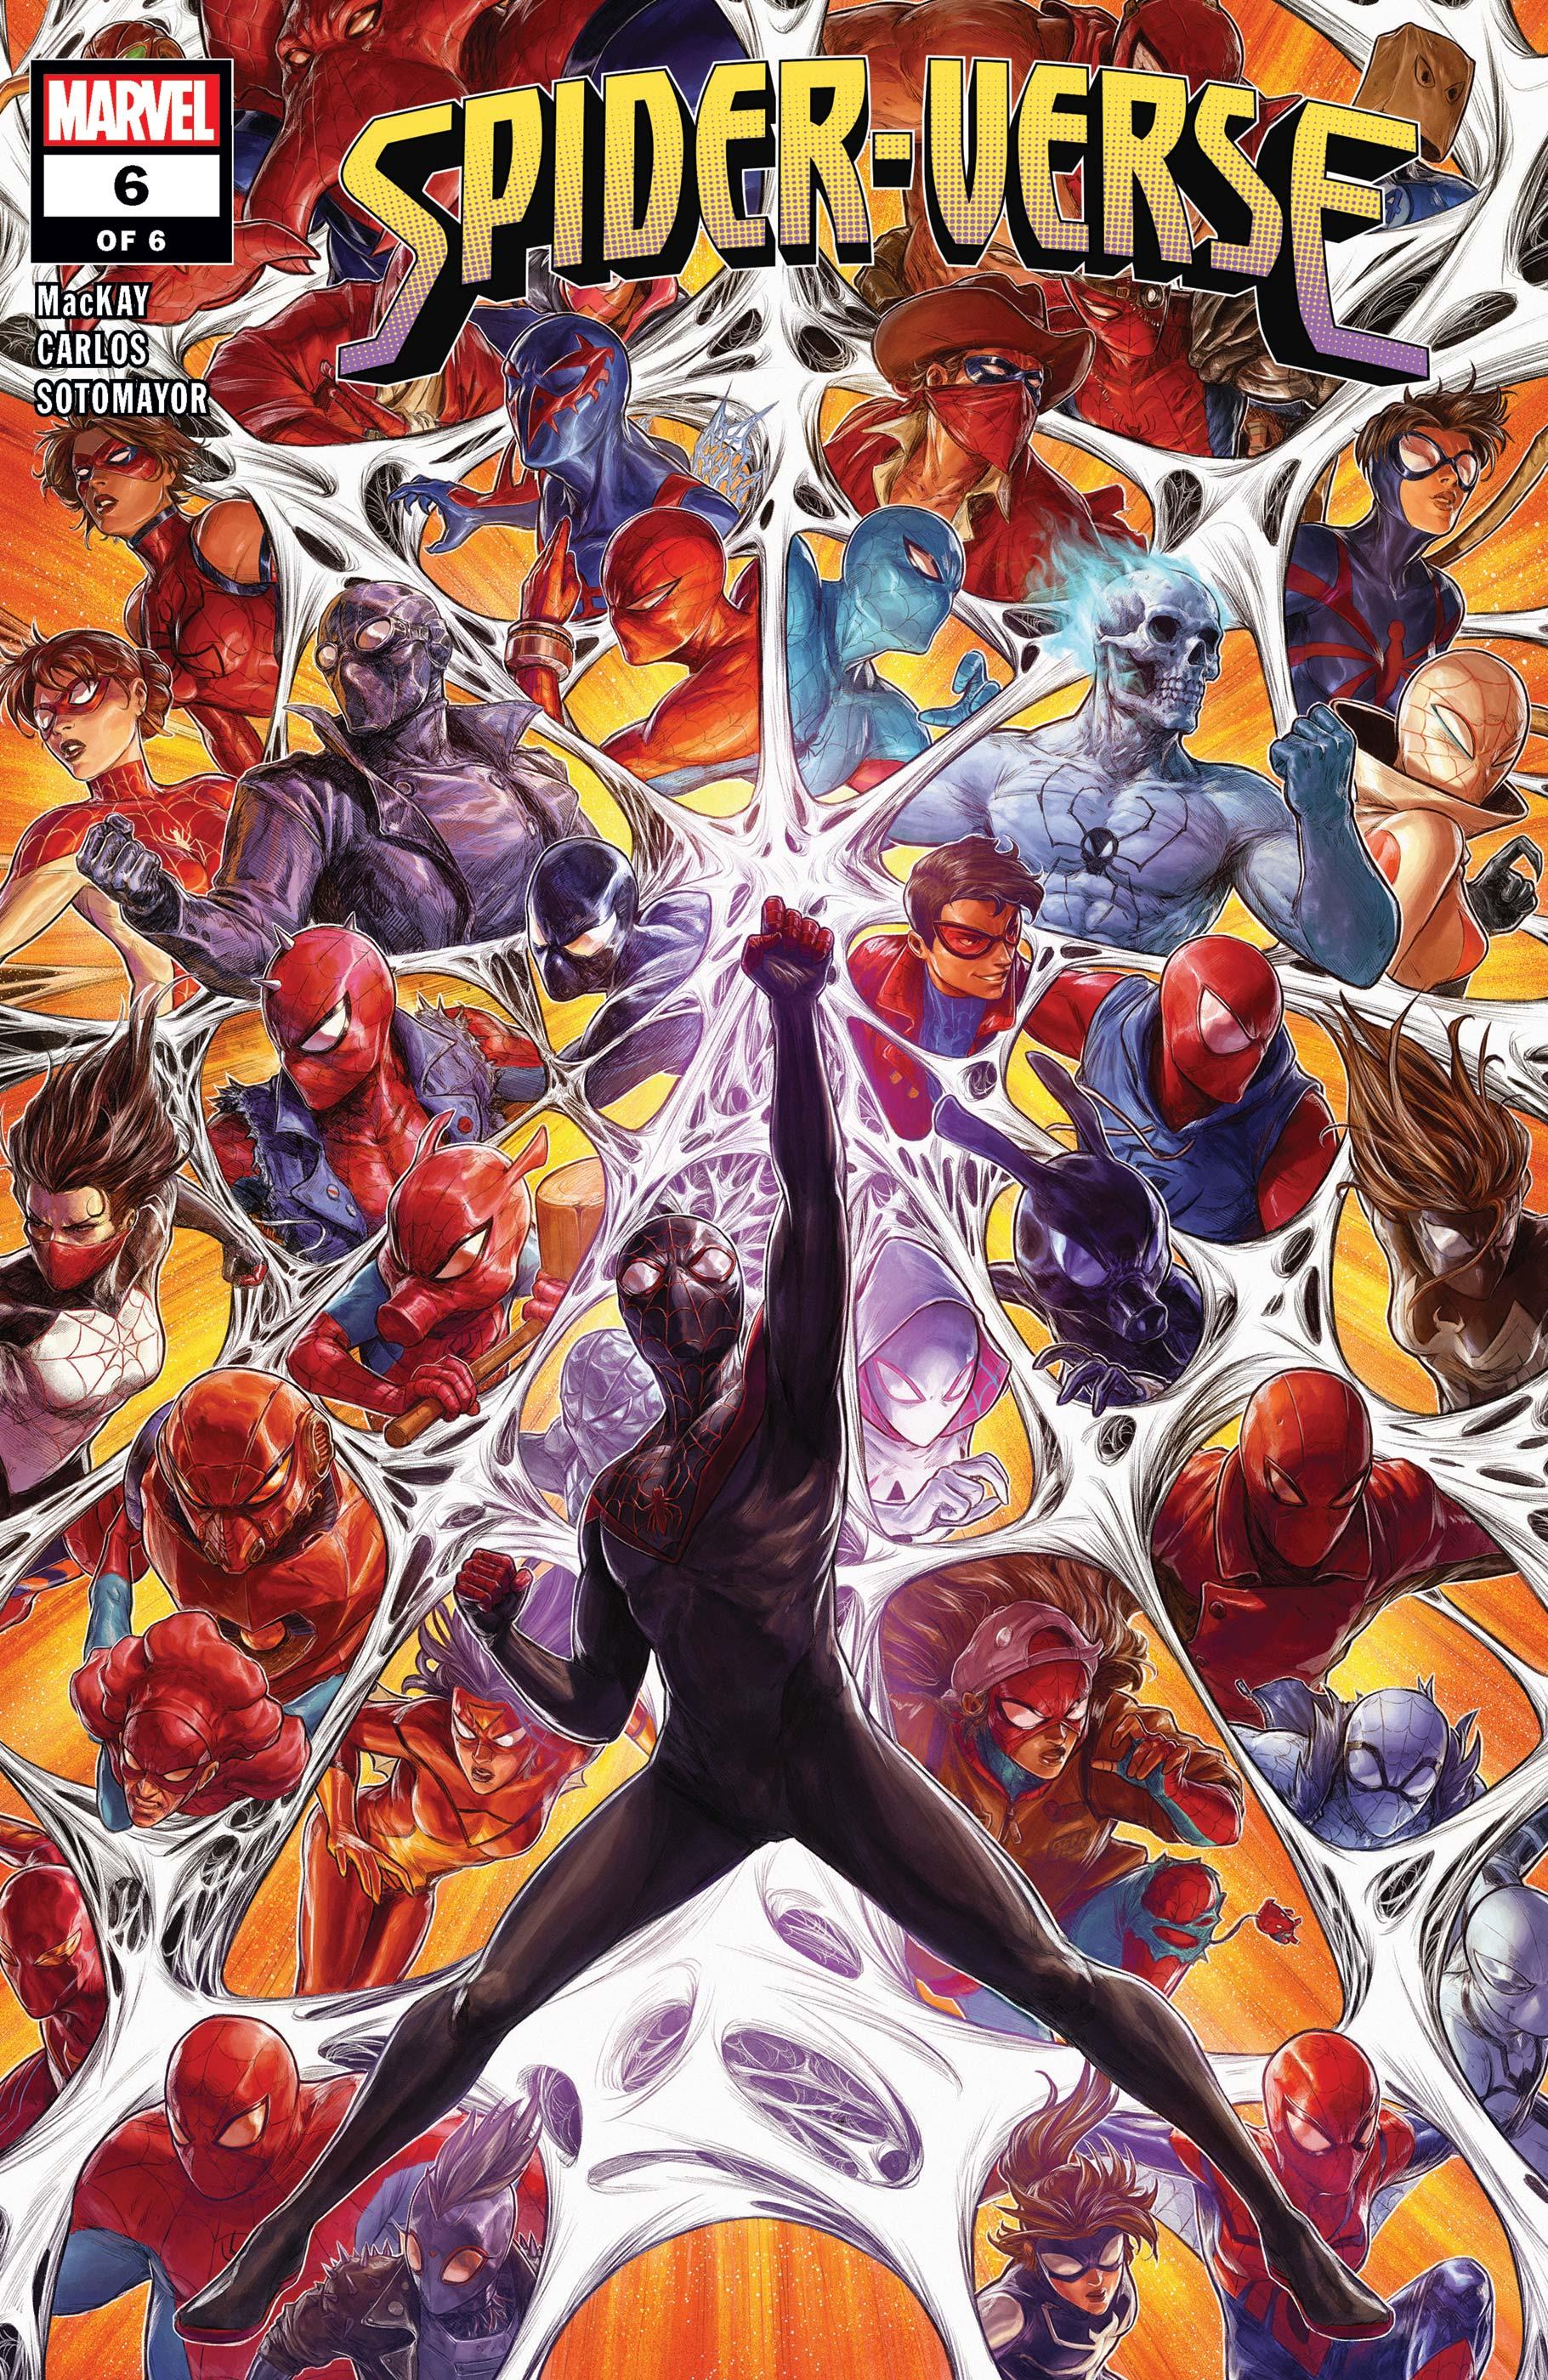 Spider-Verse (2019) #6